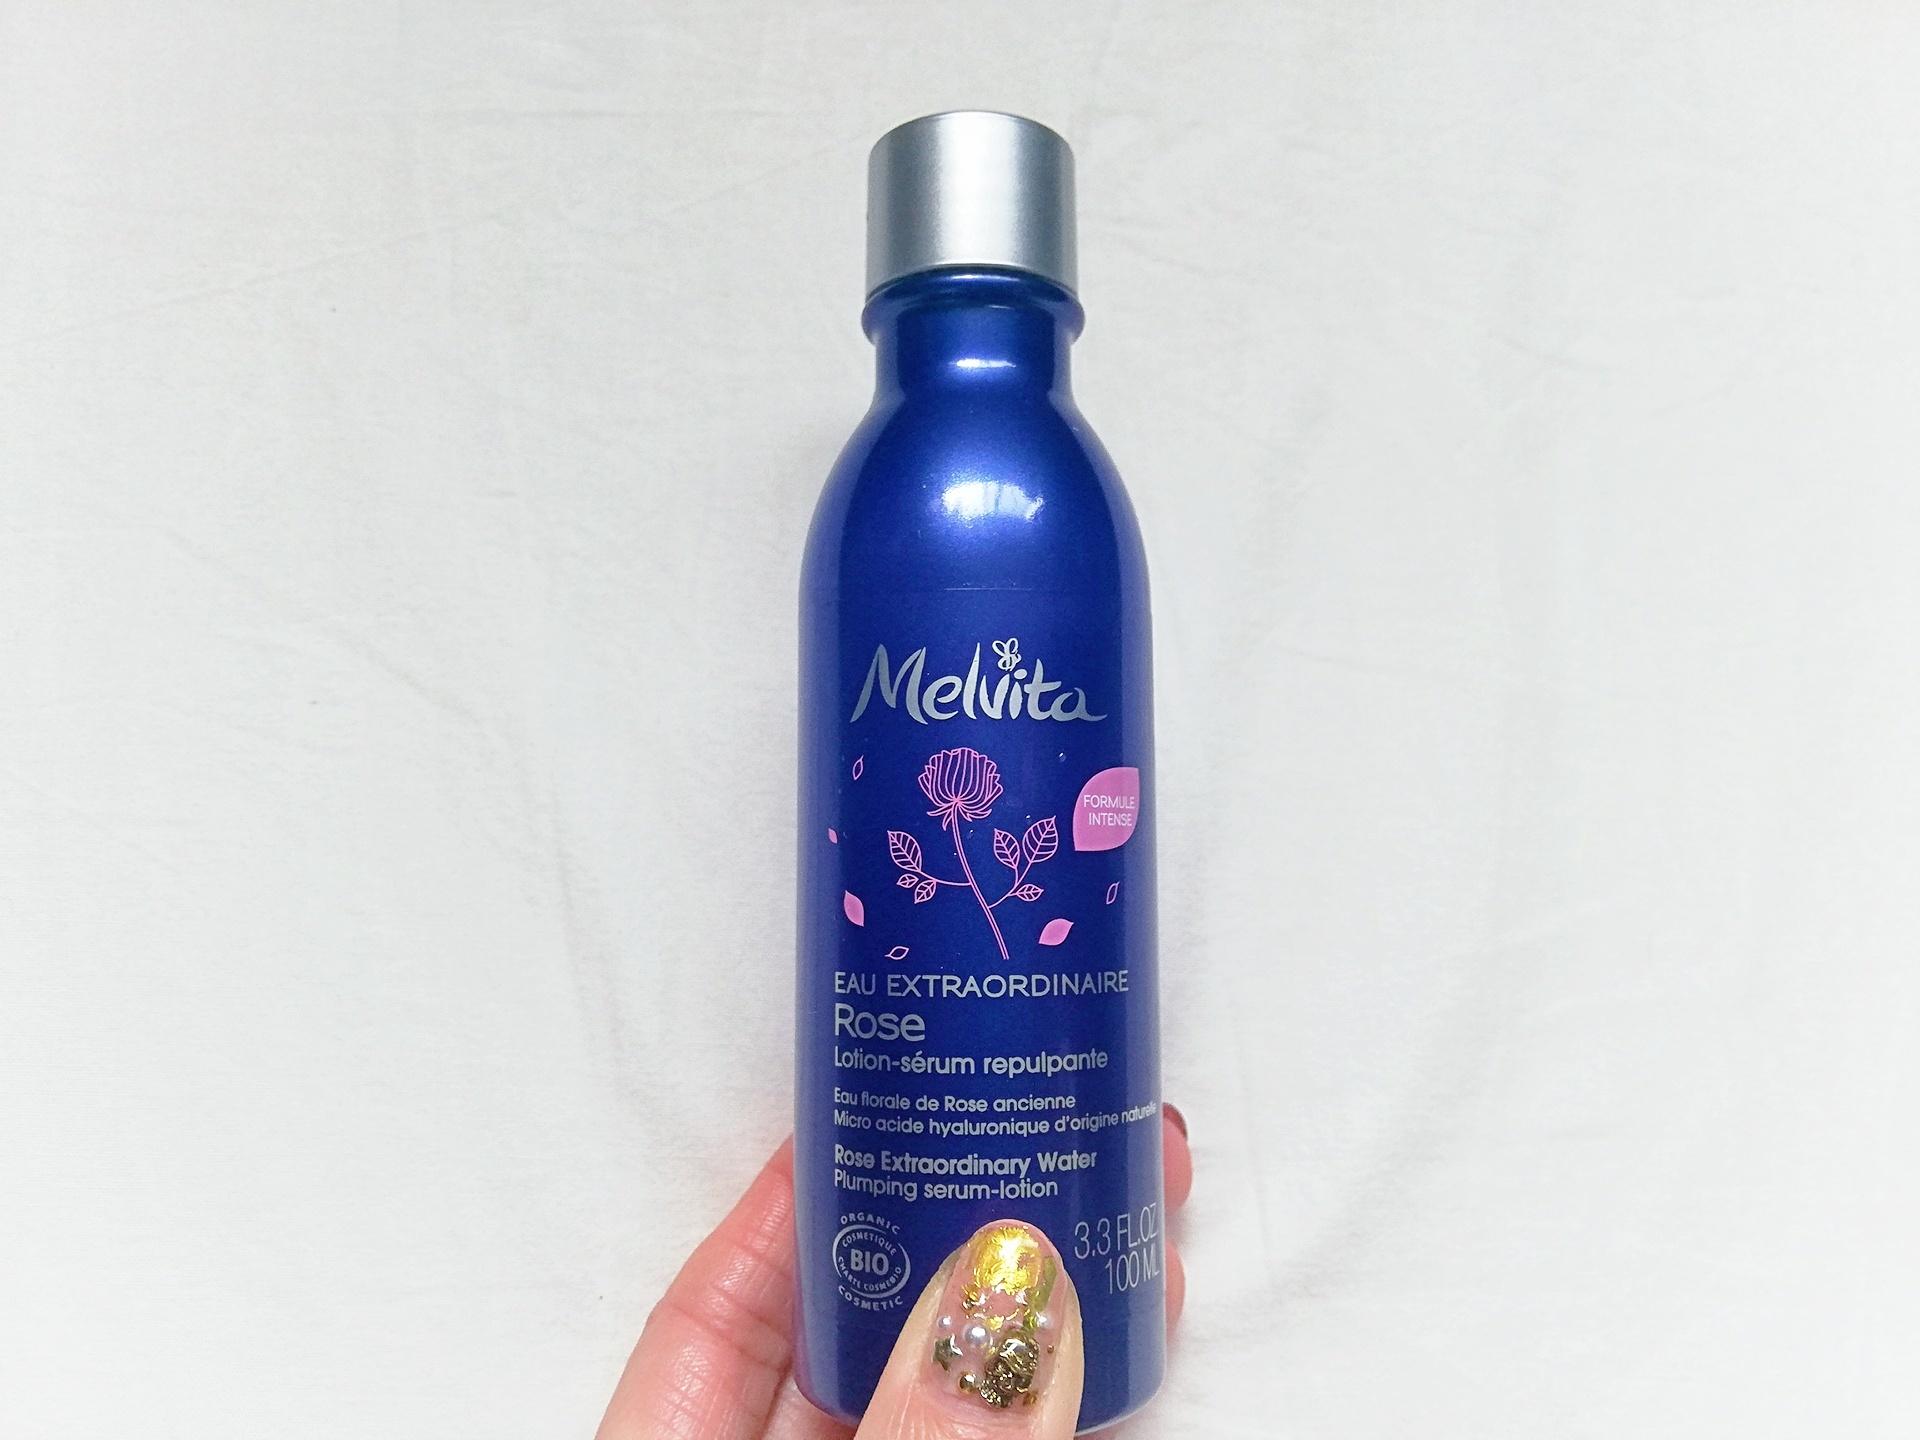 化粧水なのに美容液レベル!?パワーアップしたメルヴィータの化粧水【フラワーブーケ ローズ EXトナー】